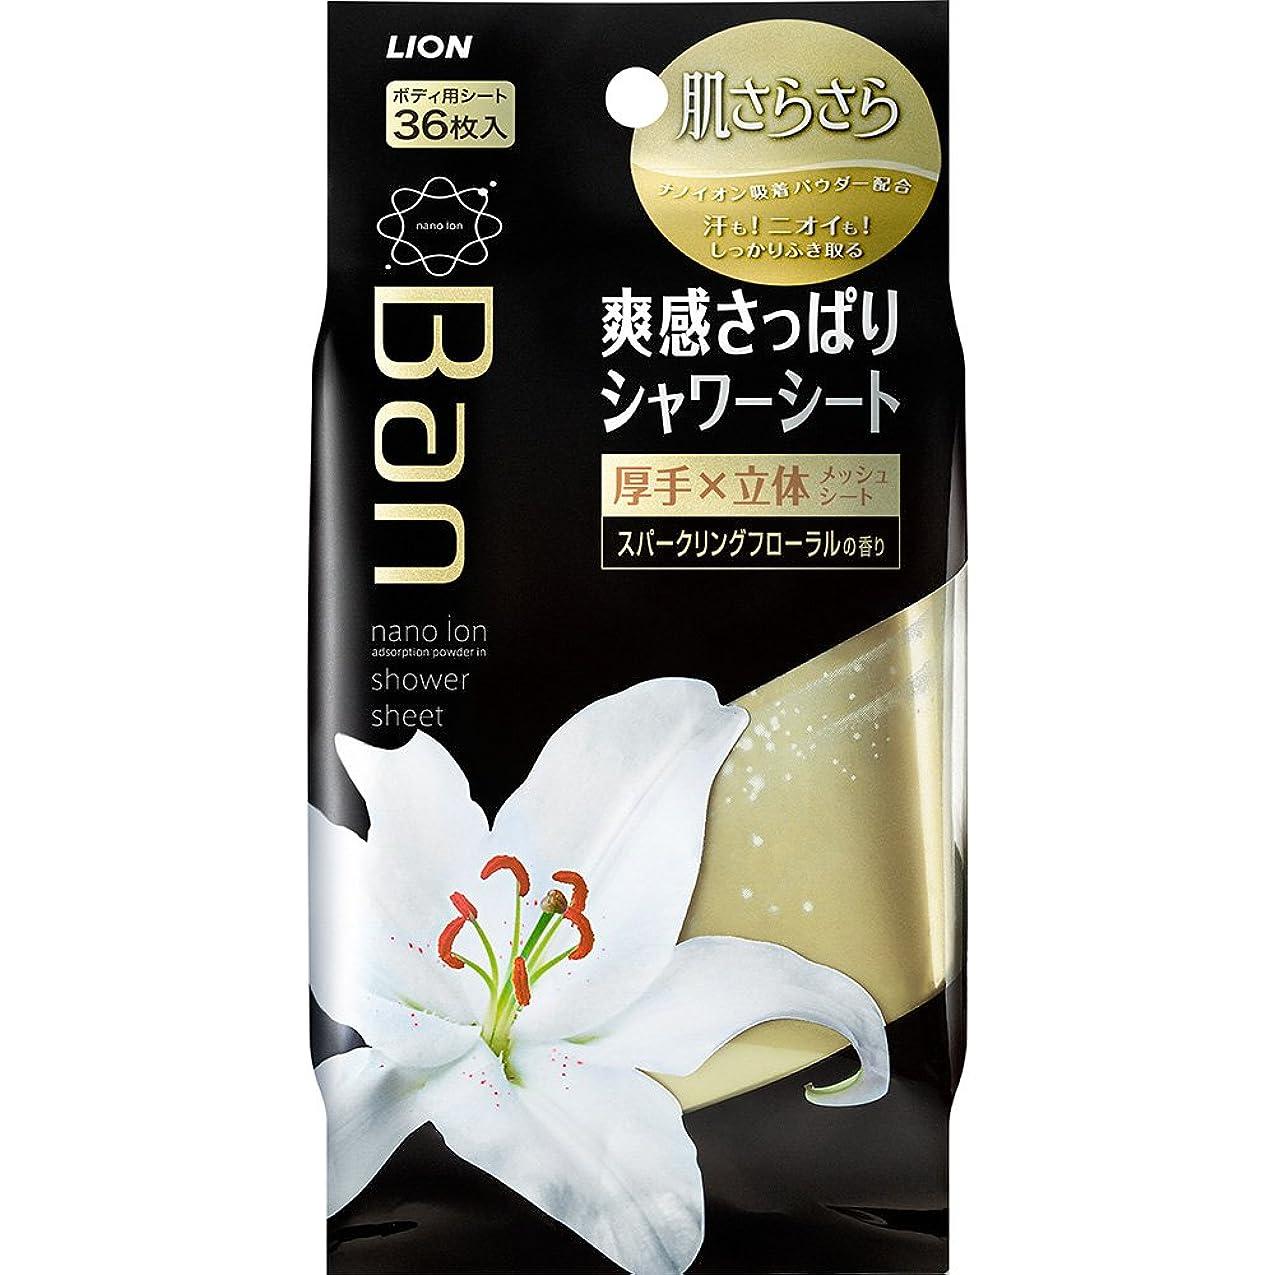 コテージで避けられないBan(バン) 爽感さっぱりシャワーシート スパークリングフローラルの香り 36枚